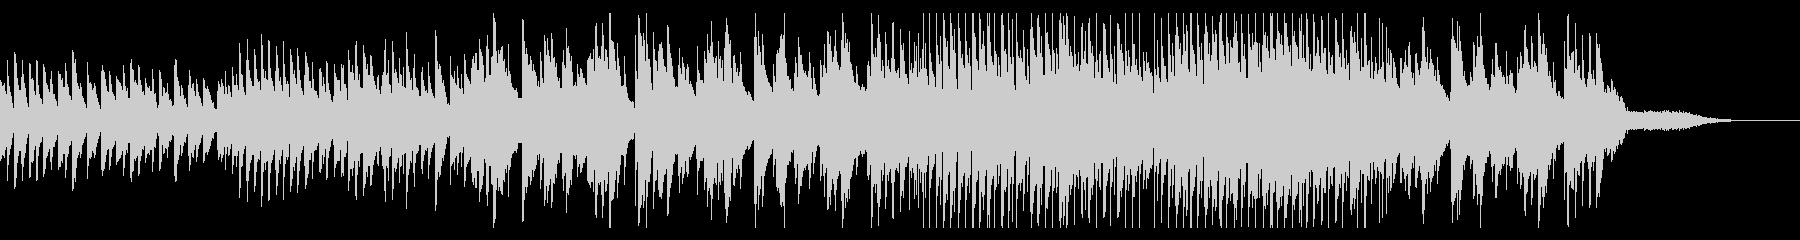 シンプルでノスタルジックなスローバラードの未再生の波形